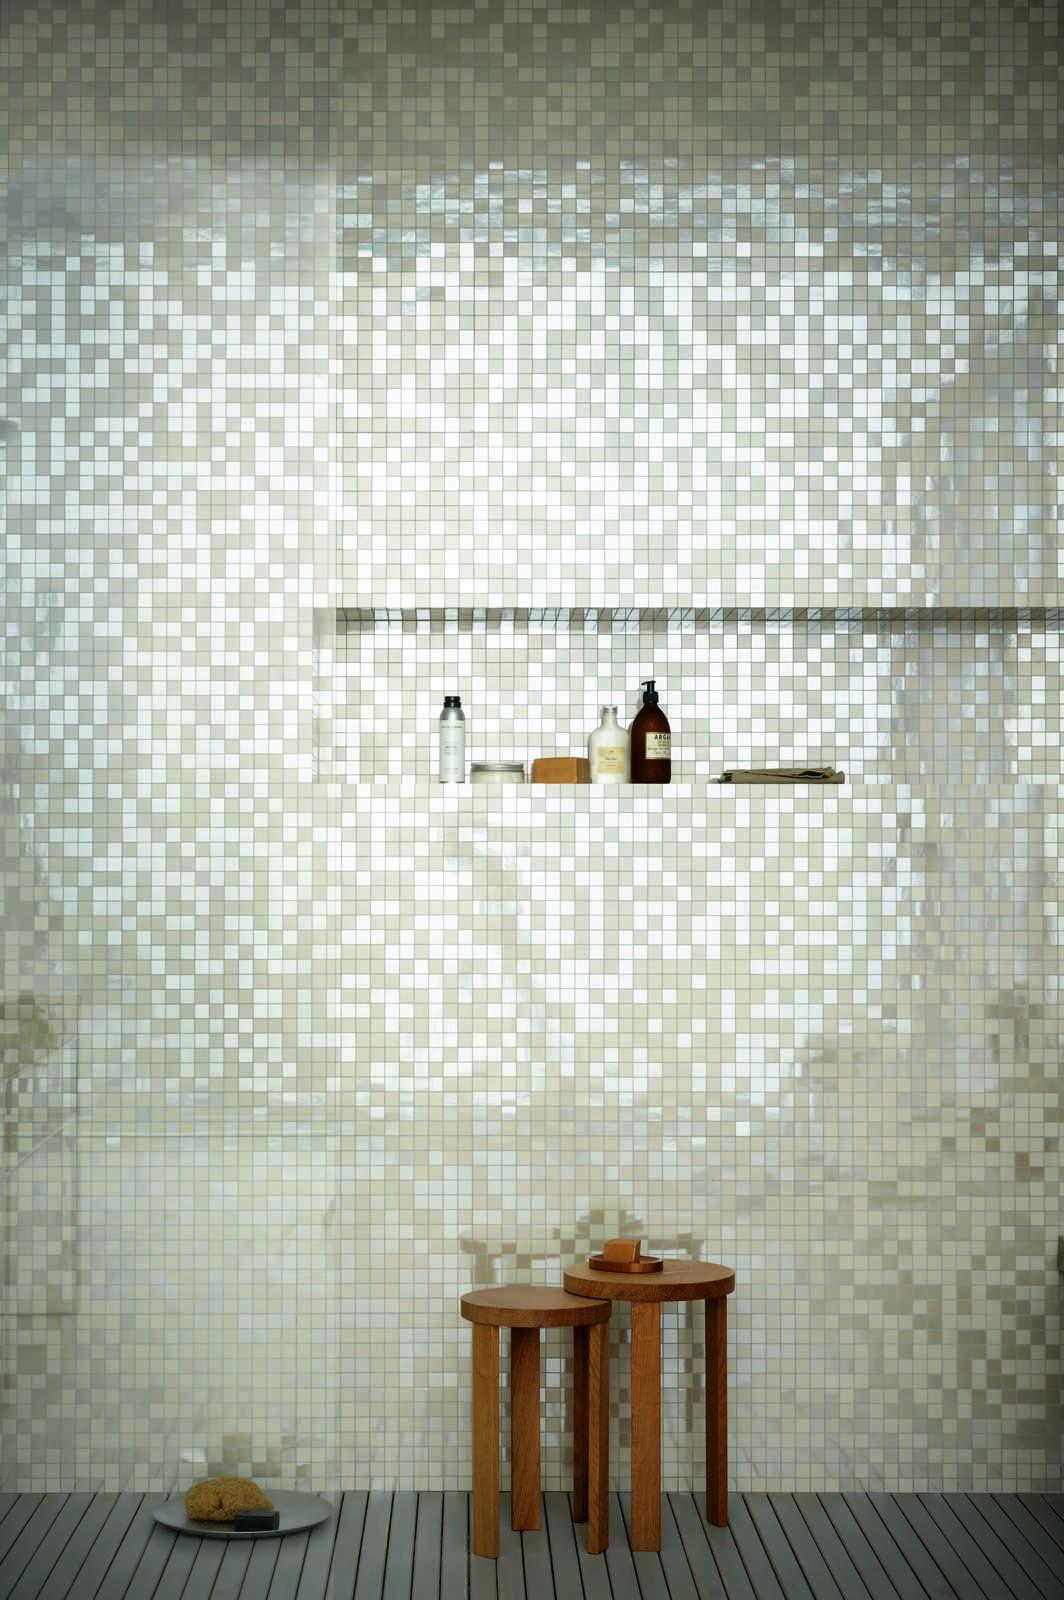 Piastrelle a mosaico per bagno e altri ambienti marazzi - Mosaico piastrelle ...